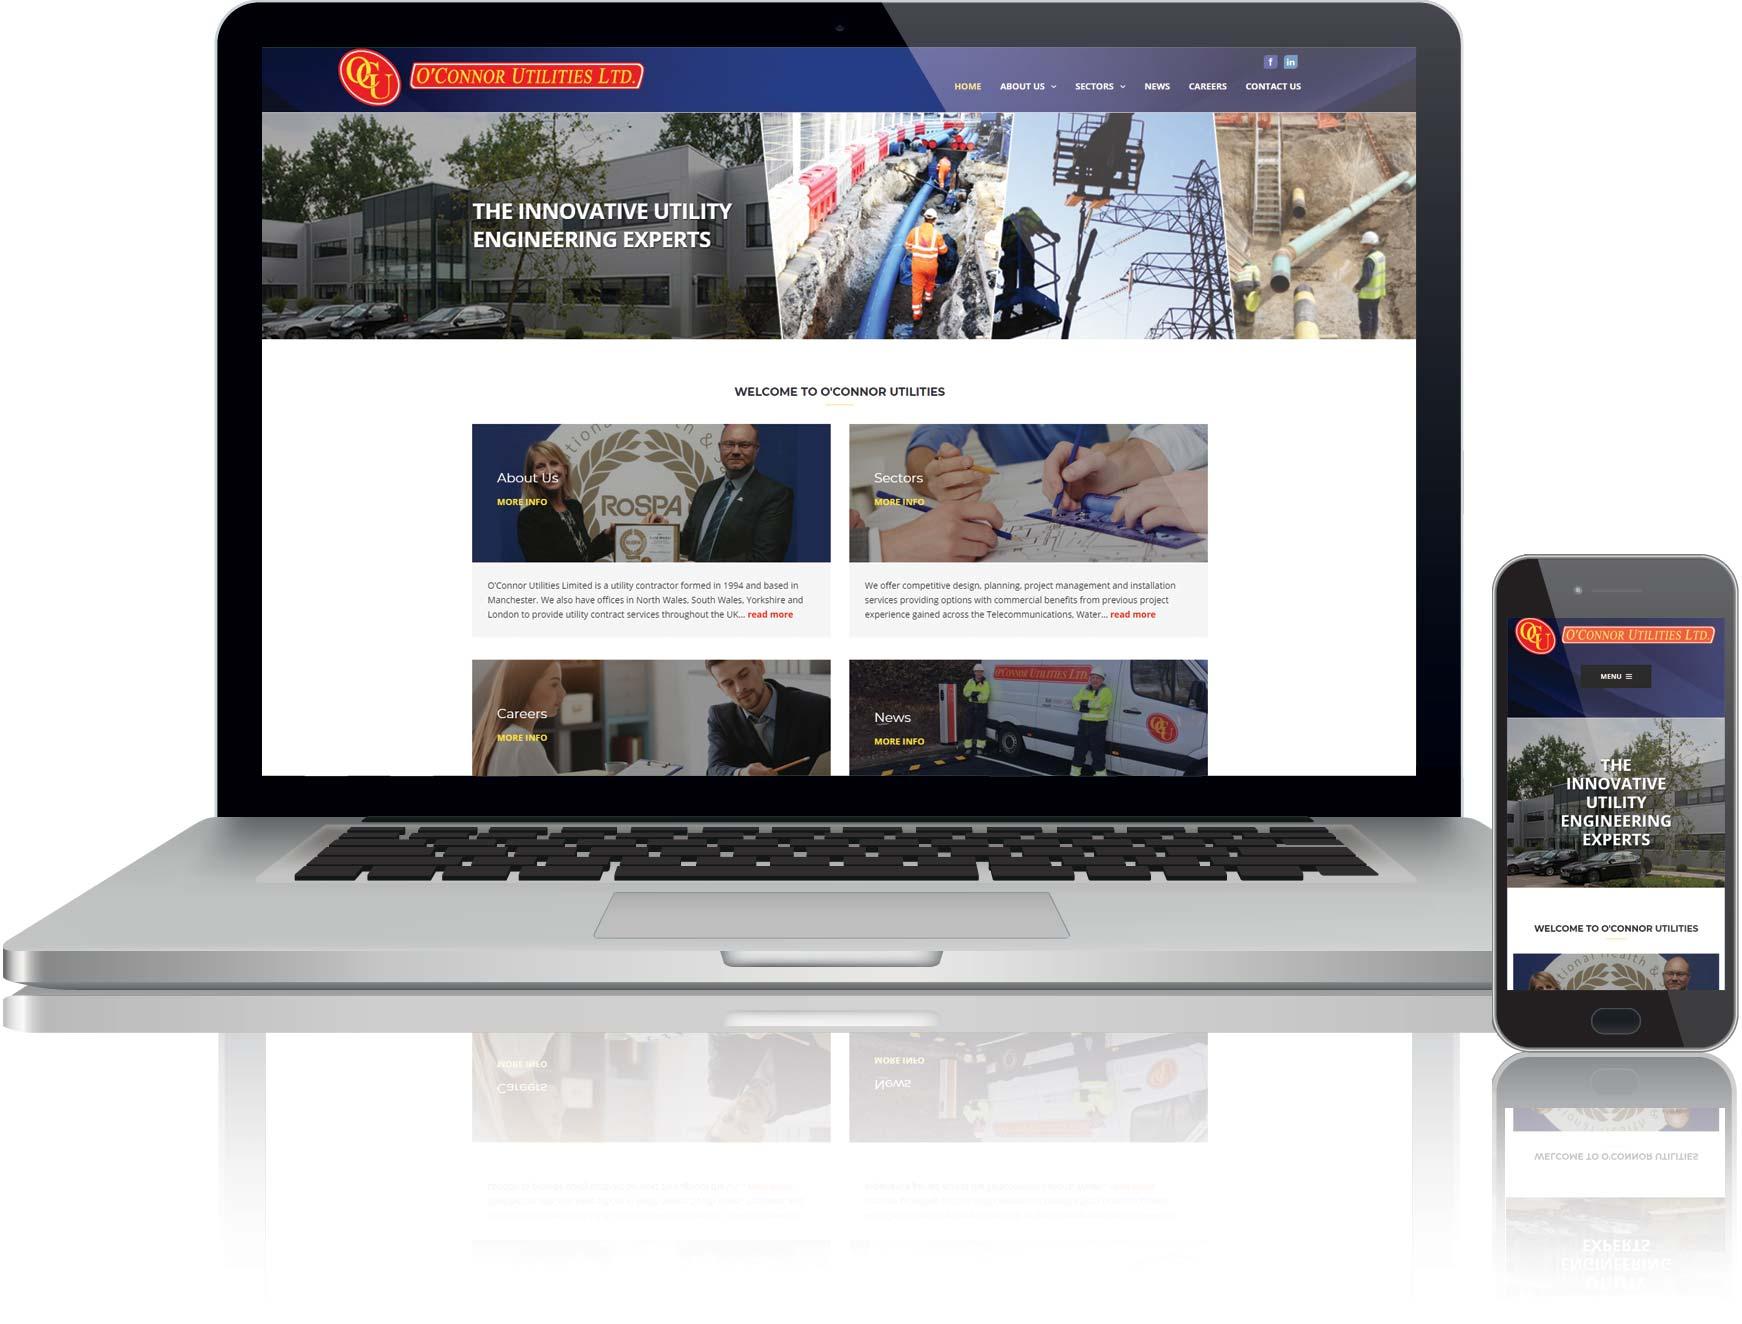 website design for oconnor utilities